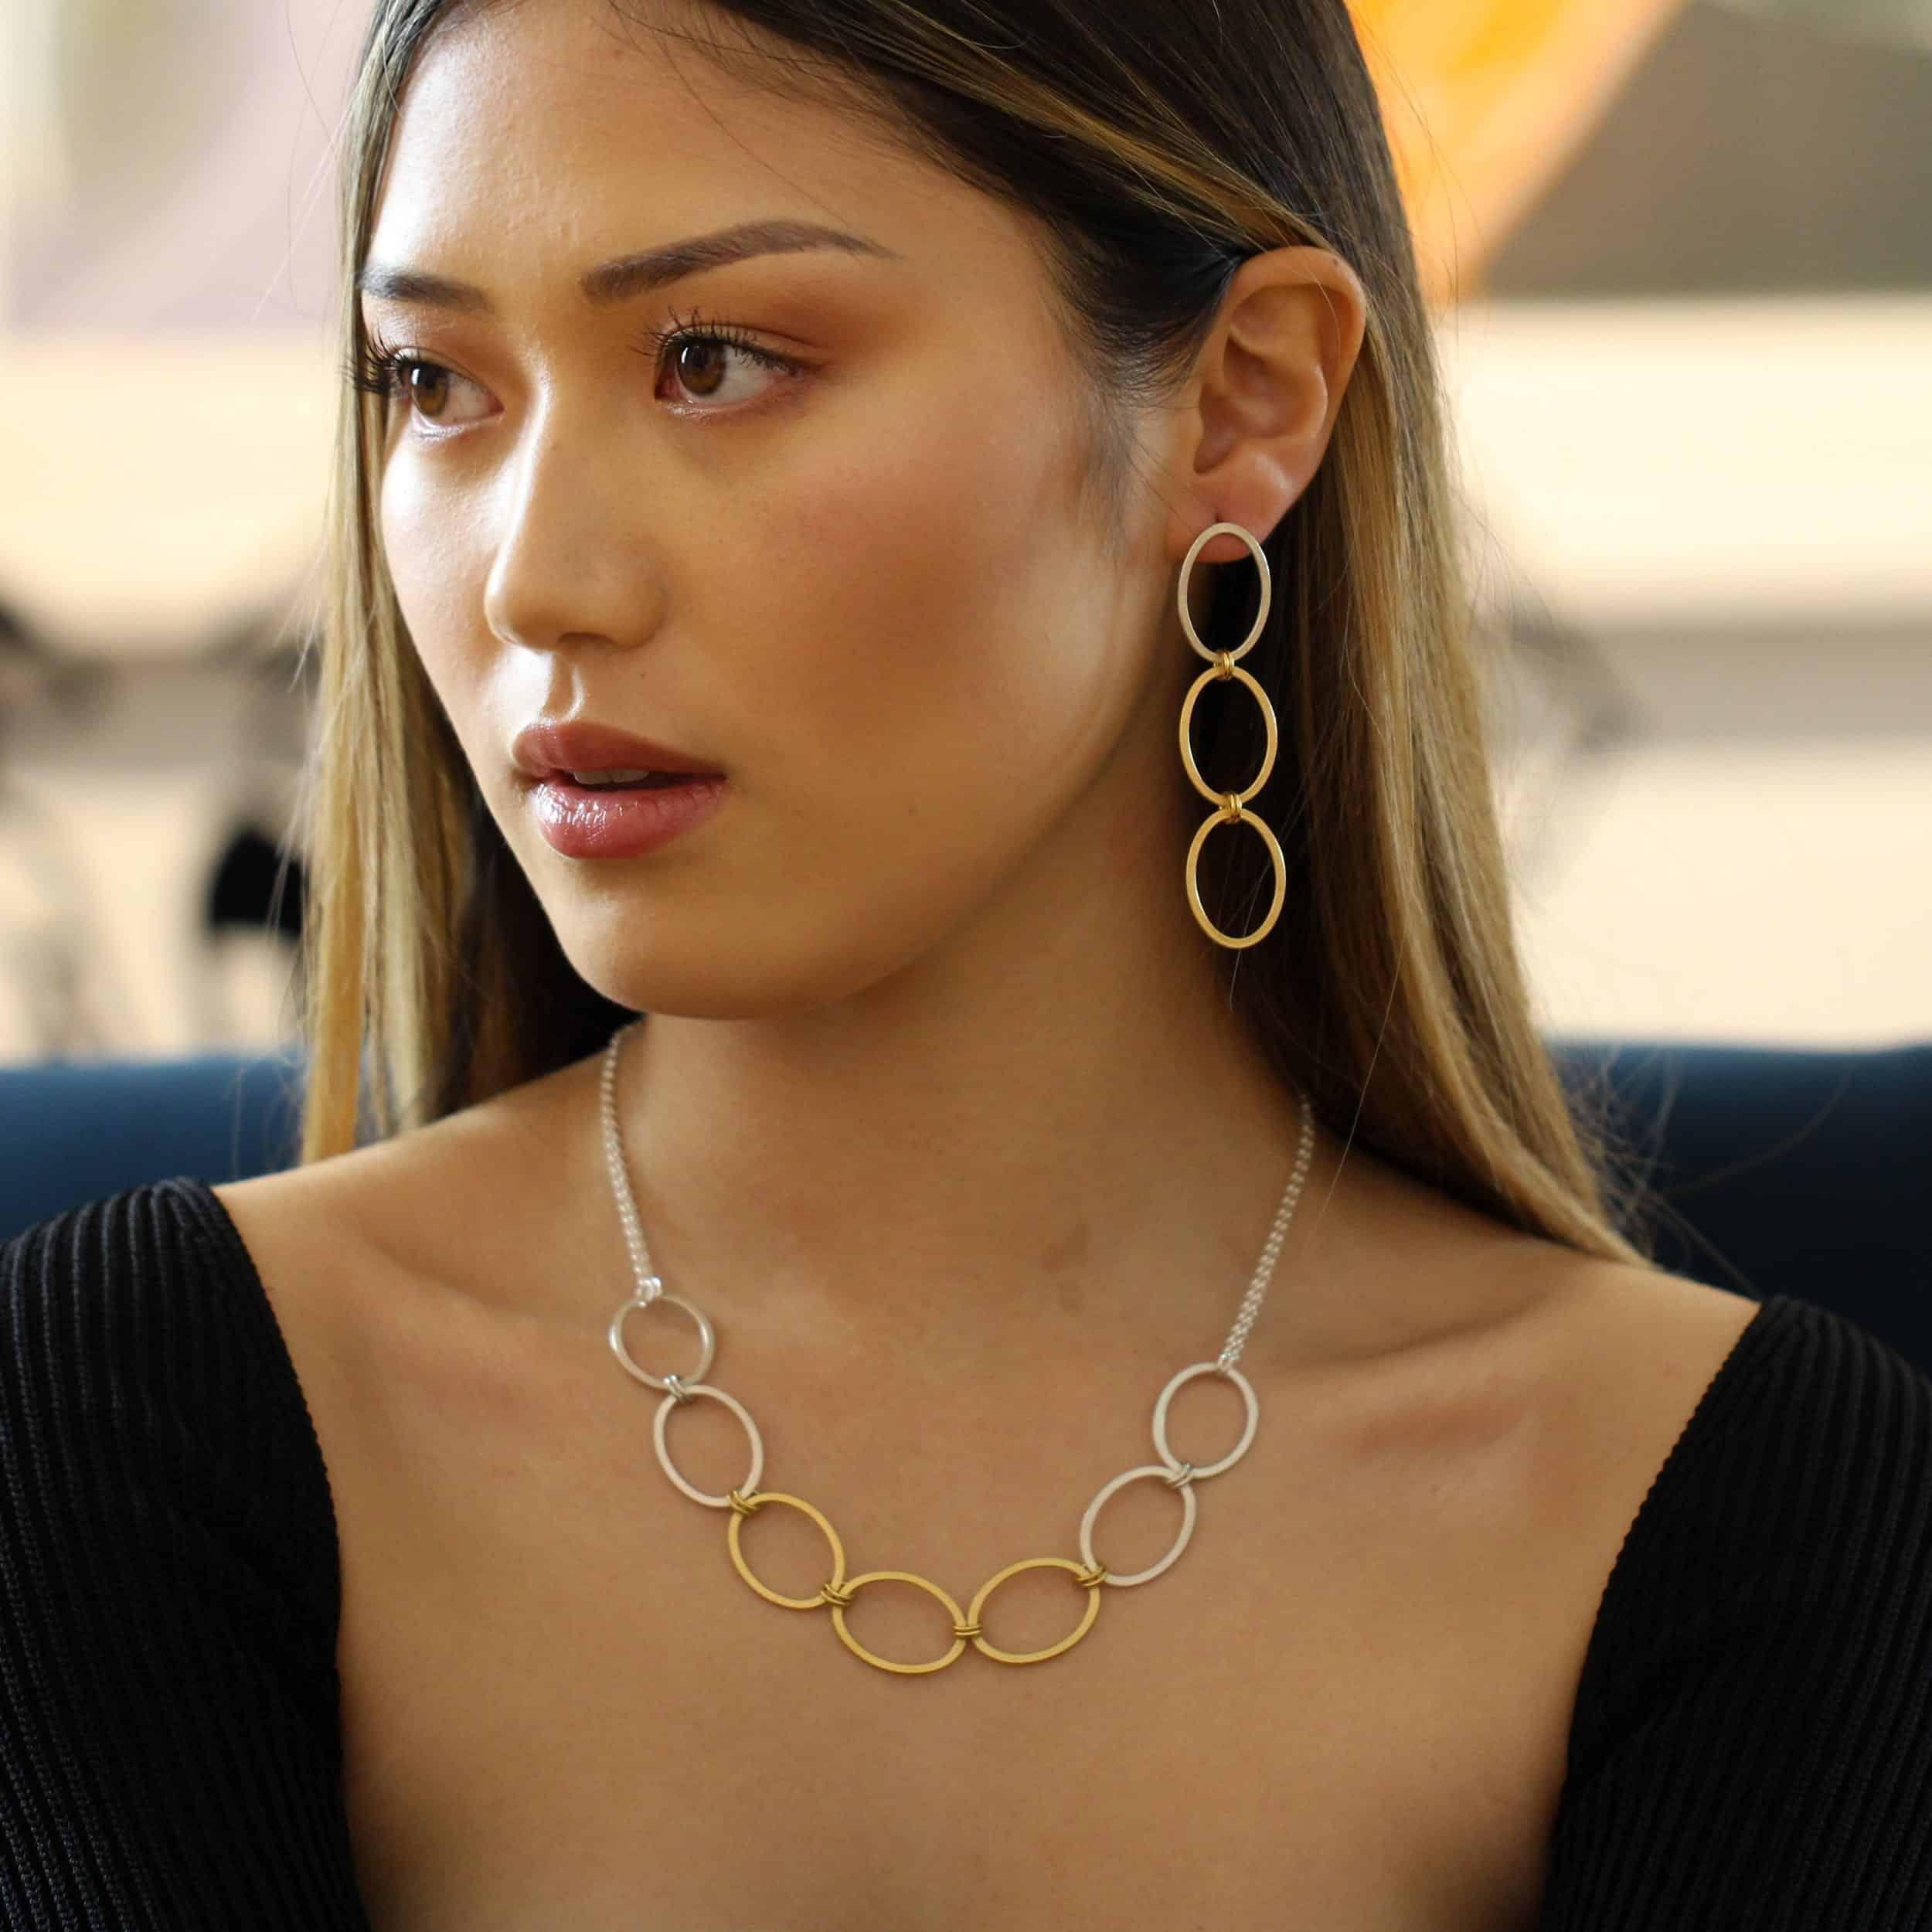 heather oconnor sterling silver ellipse long chain earrings designyard contemporary jewellery gallery dublin ireland